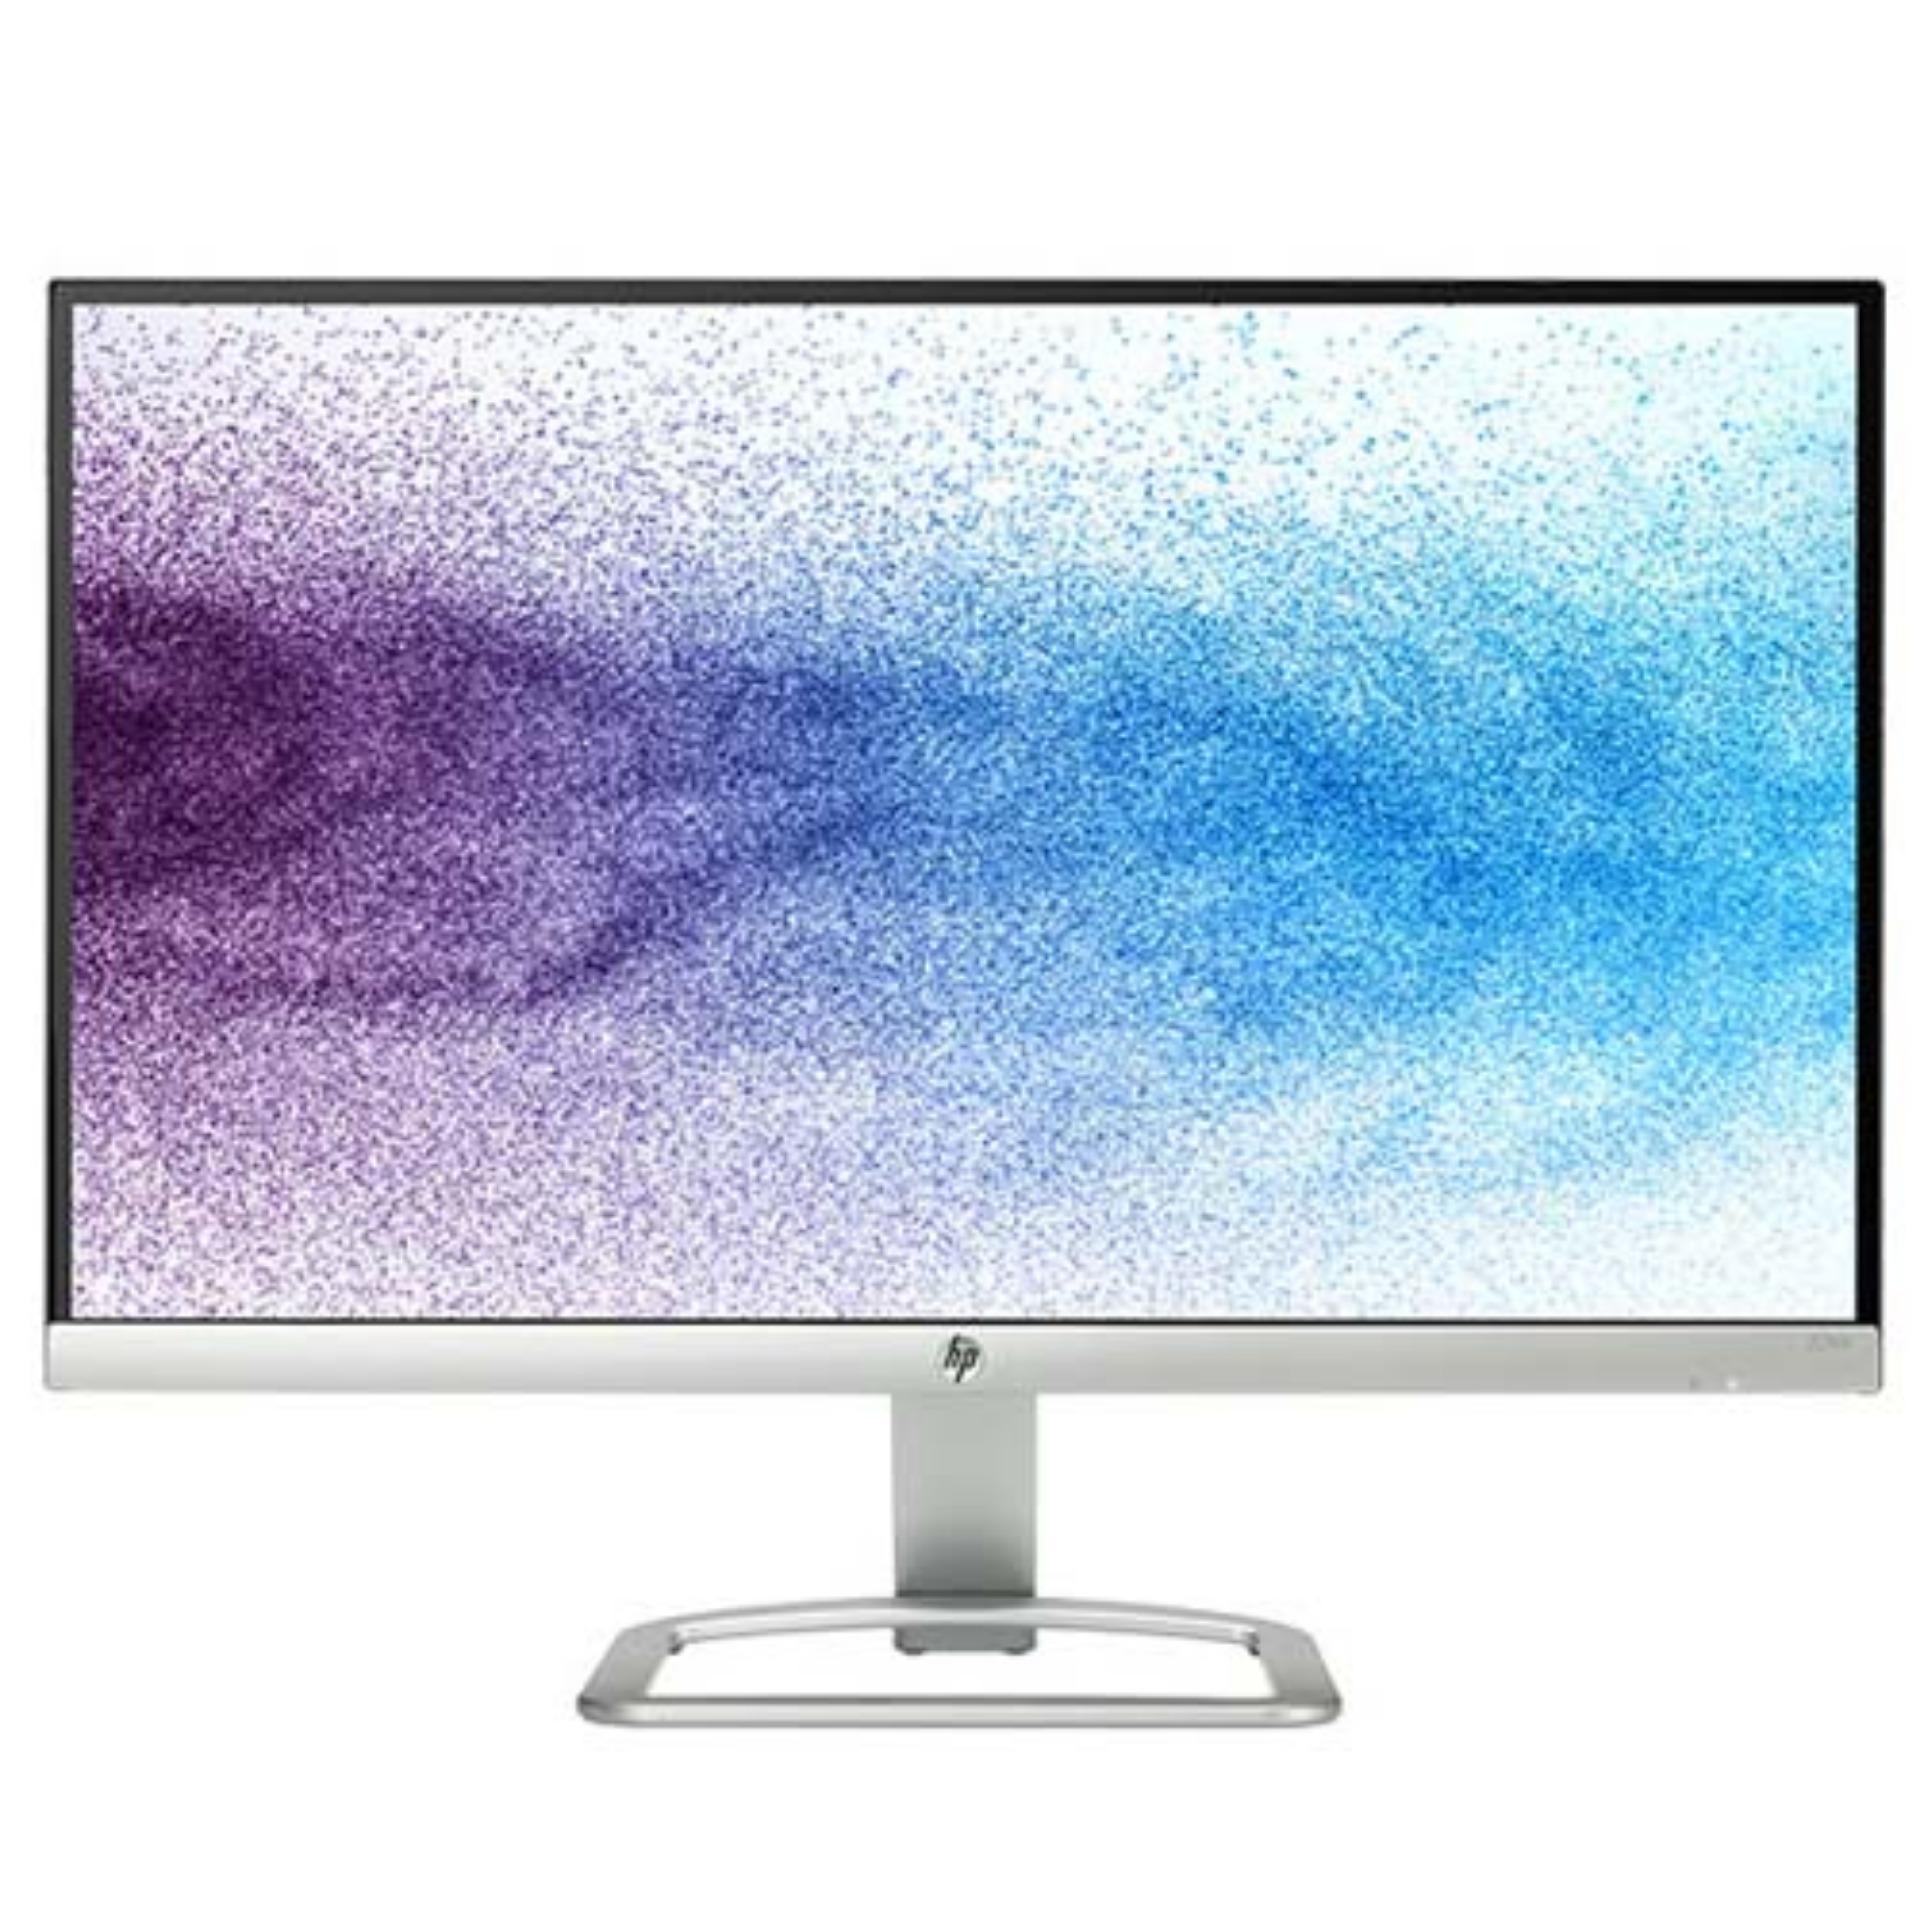 Màn hình máy tính LCD HP 22es (T3M71AA)